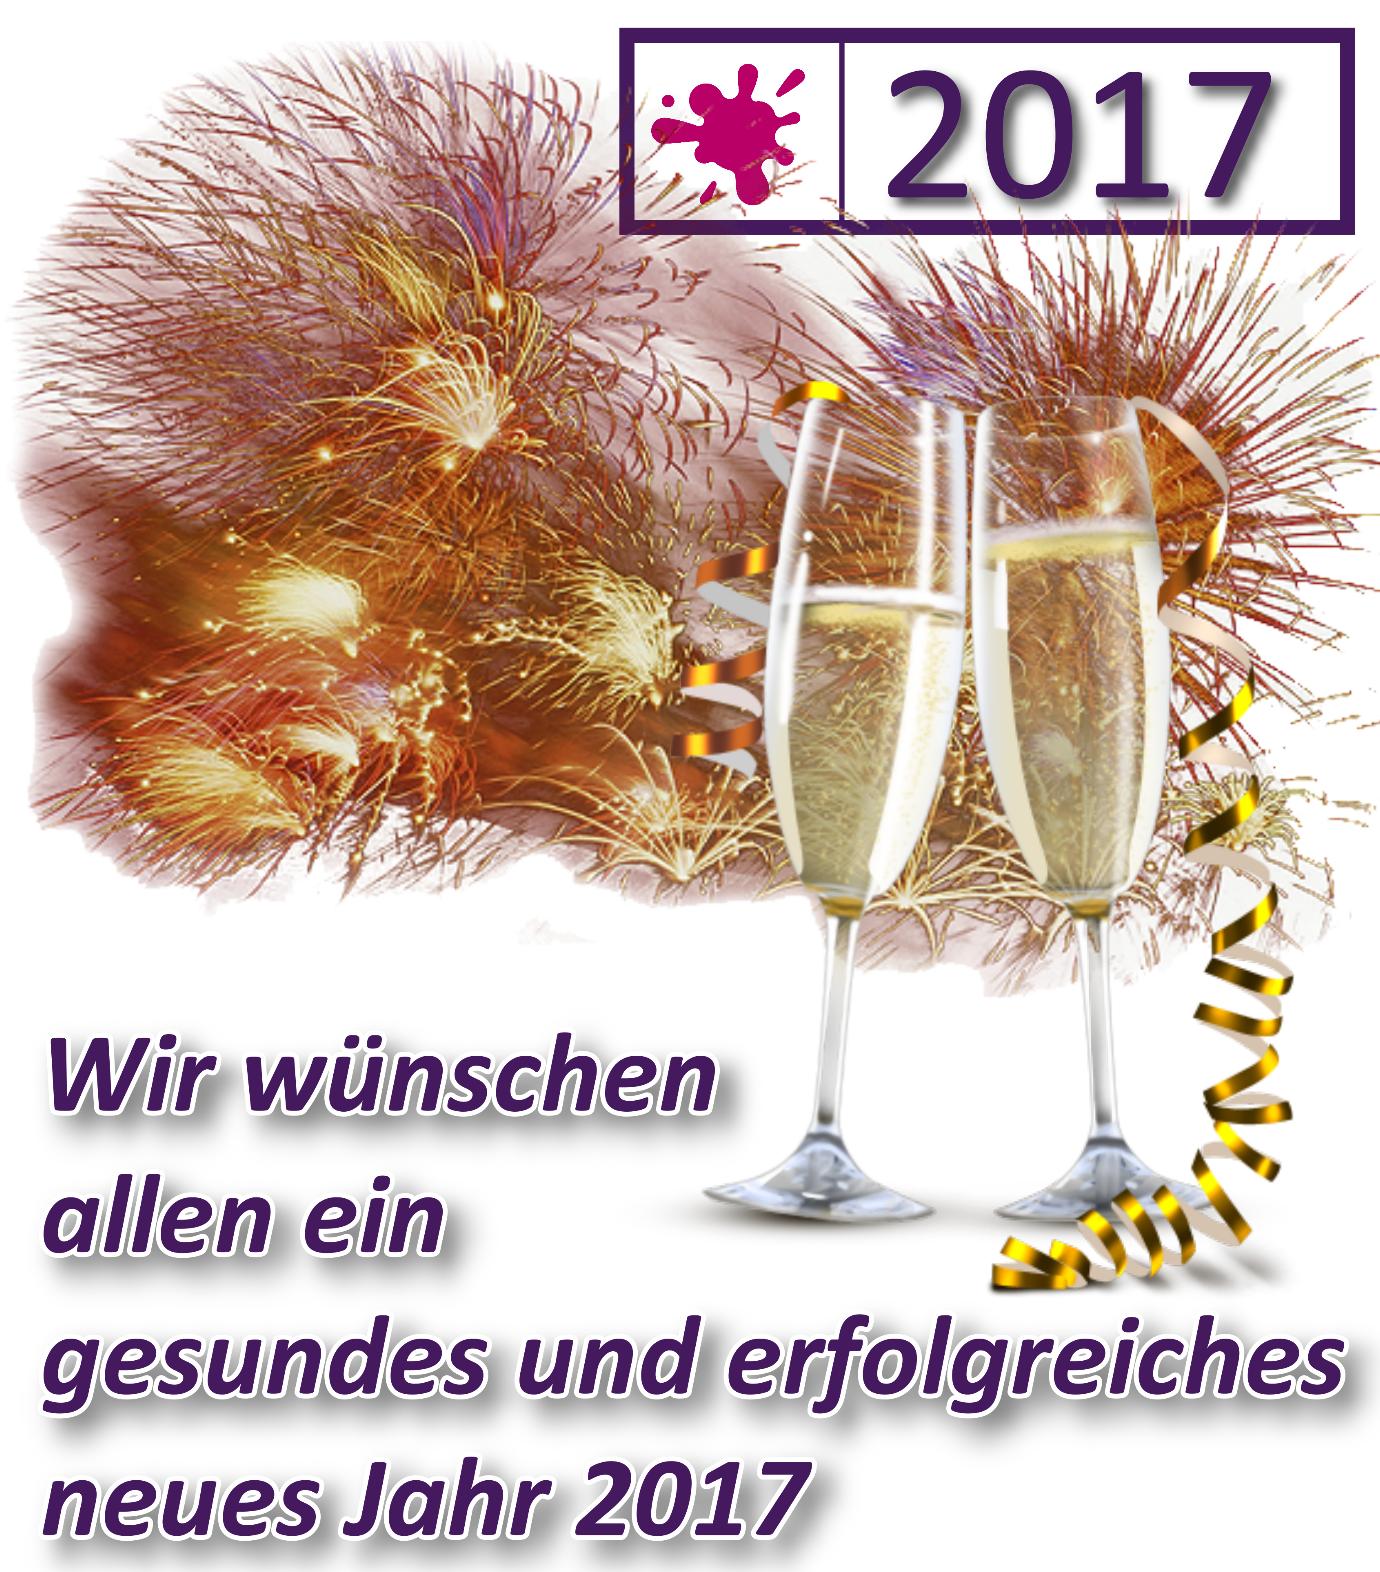 LE-Tours wünscht ein gesundes neues Jahr 2017_web